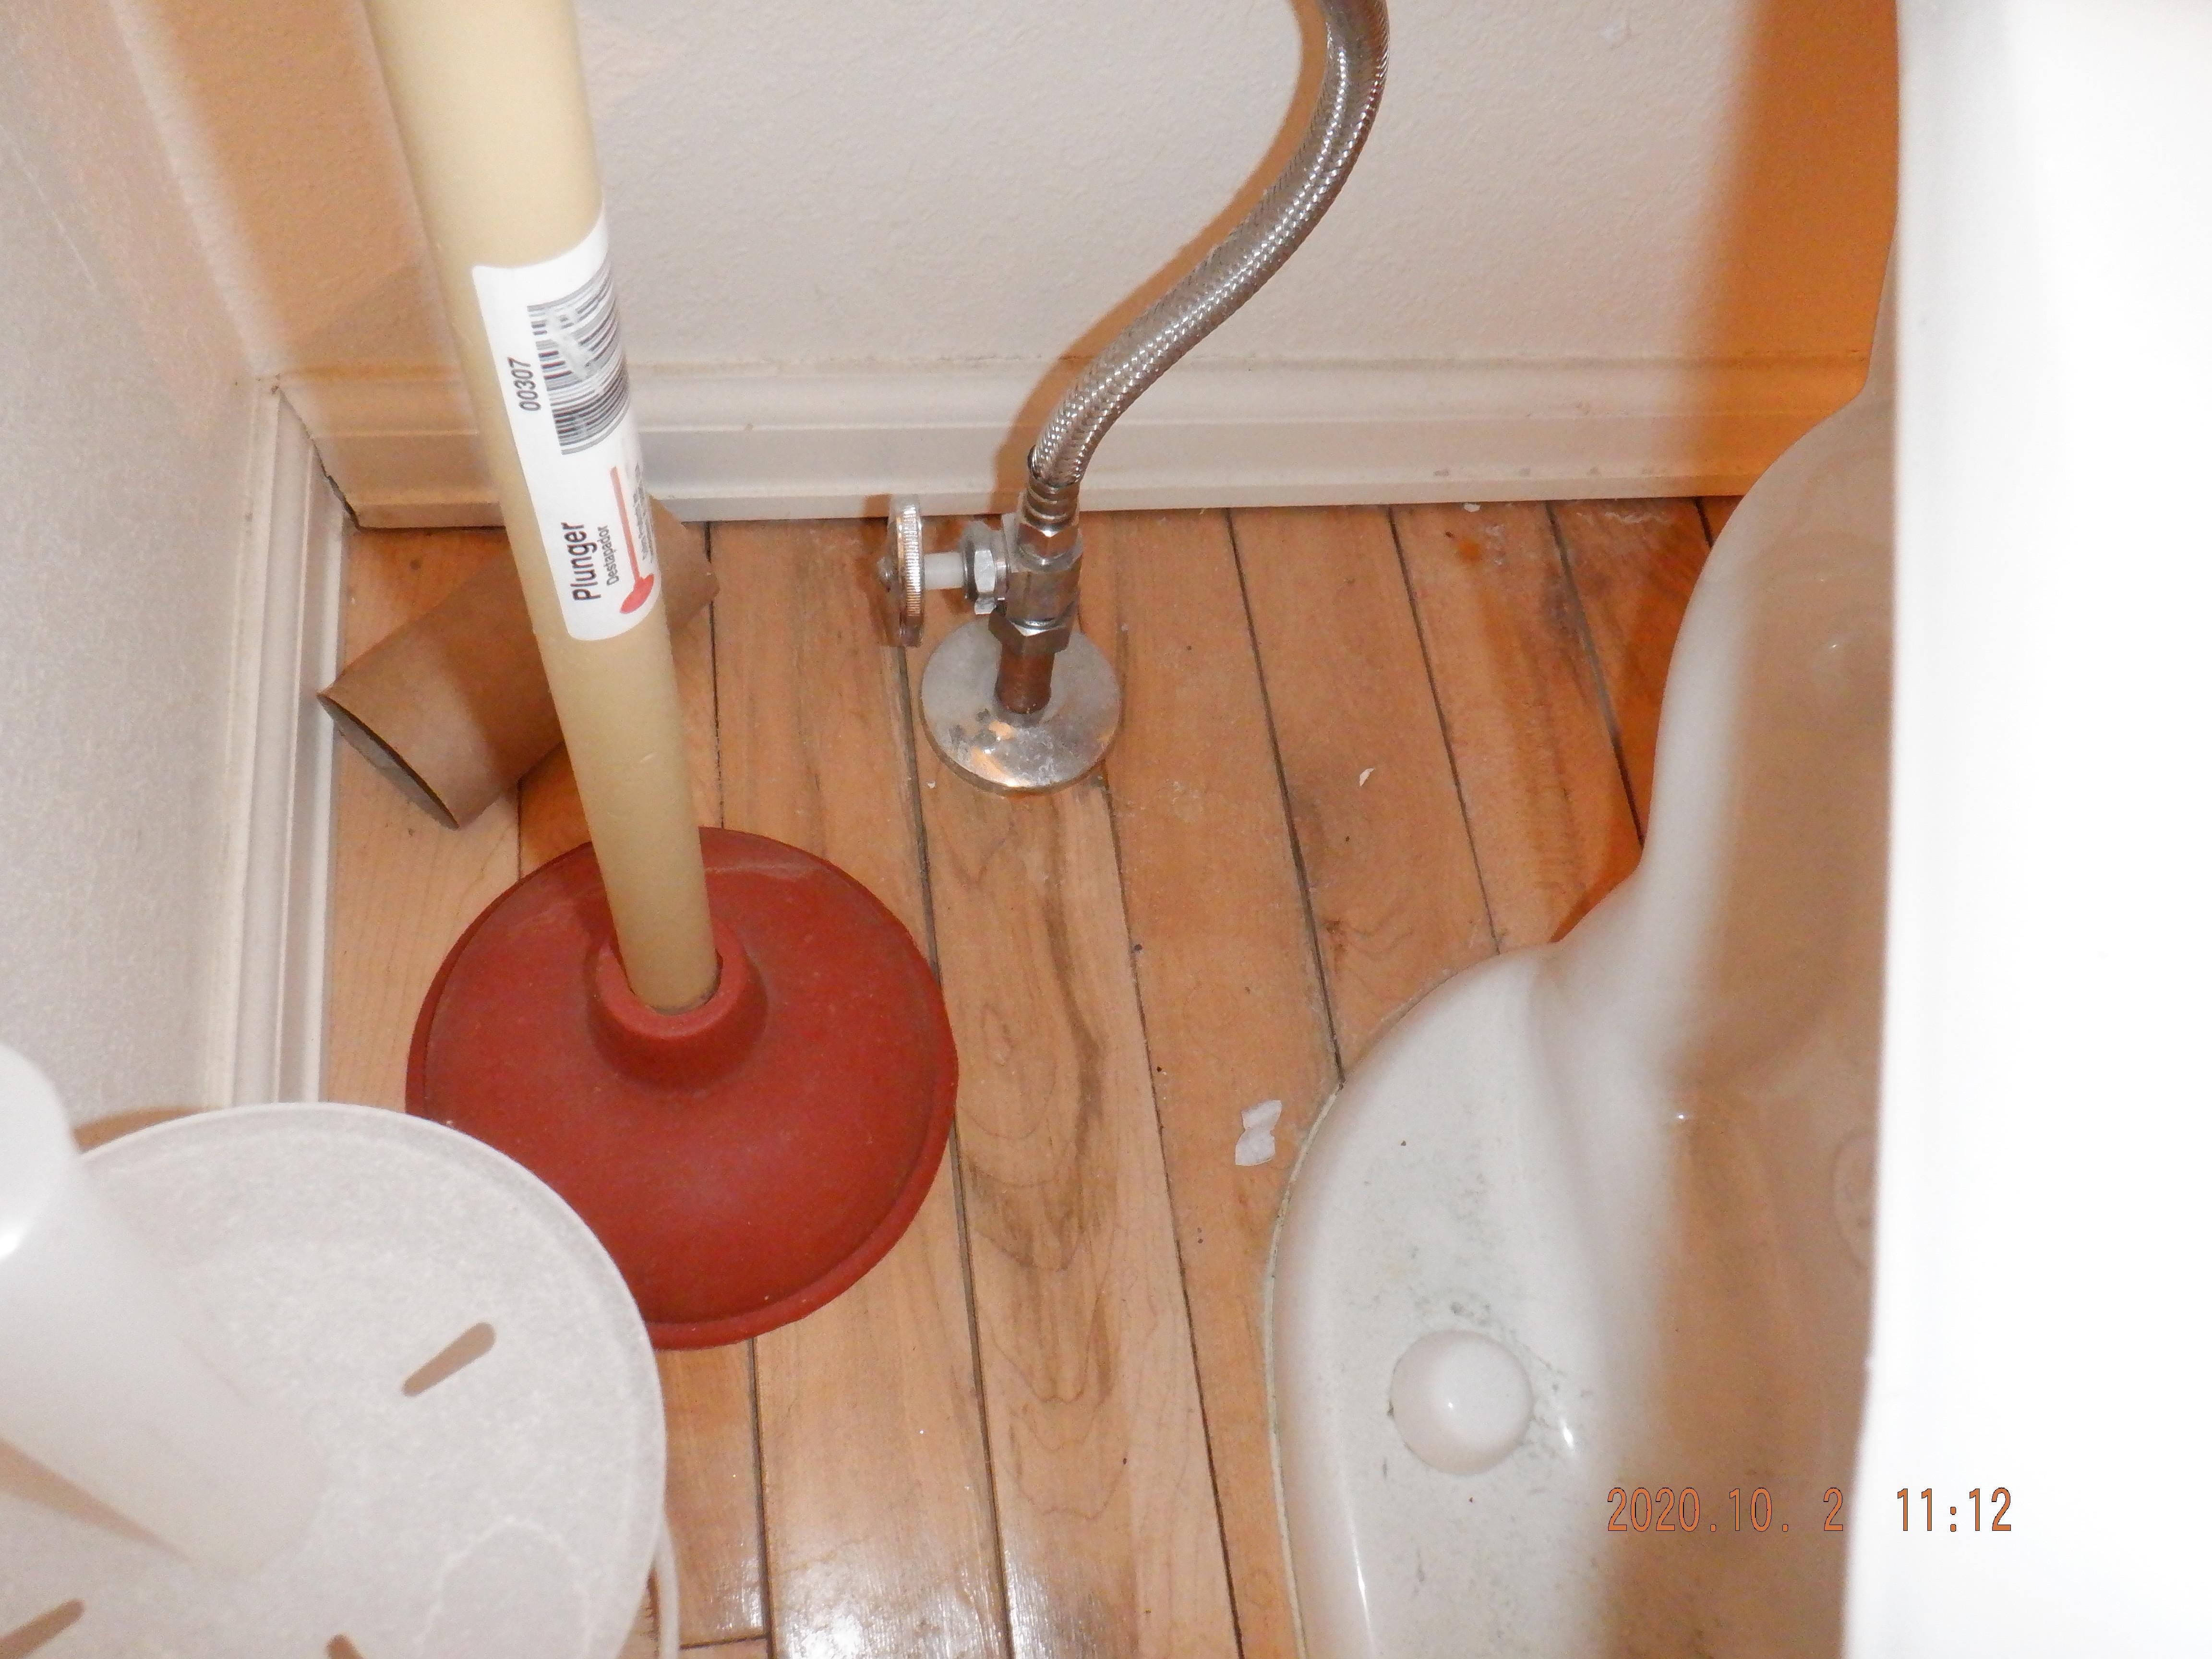 Behind toilet